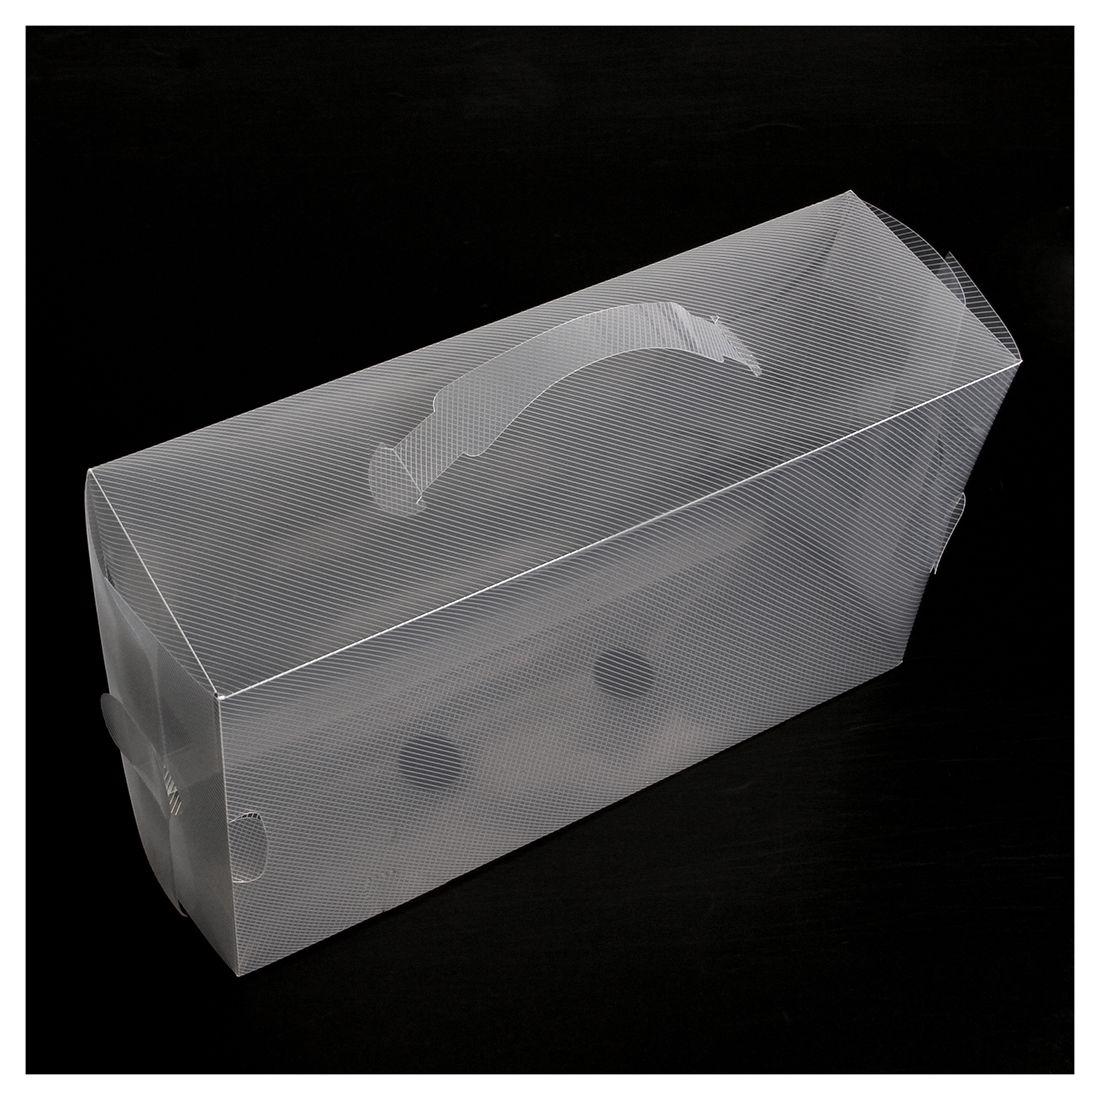 22 Ladies Mens Stackable Plastic Clear Shoe Box Boxes Storage Organiser Foldable- Transparent color